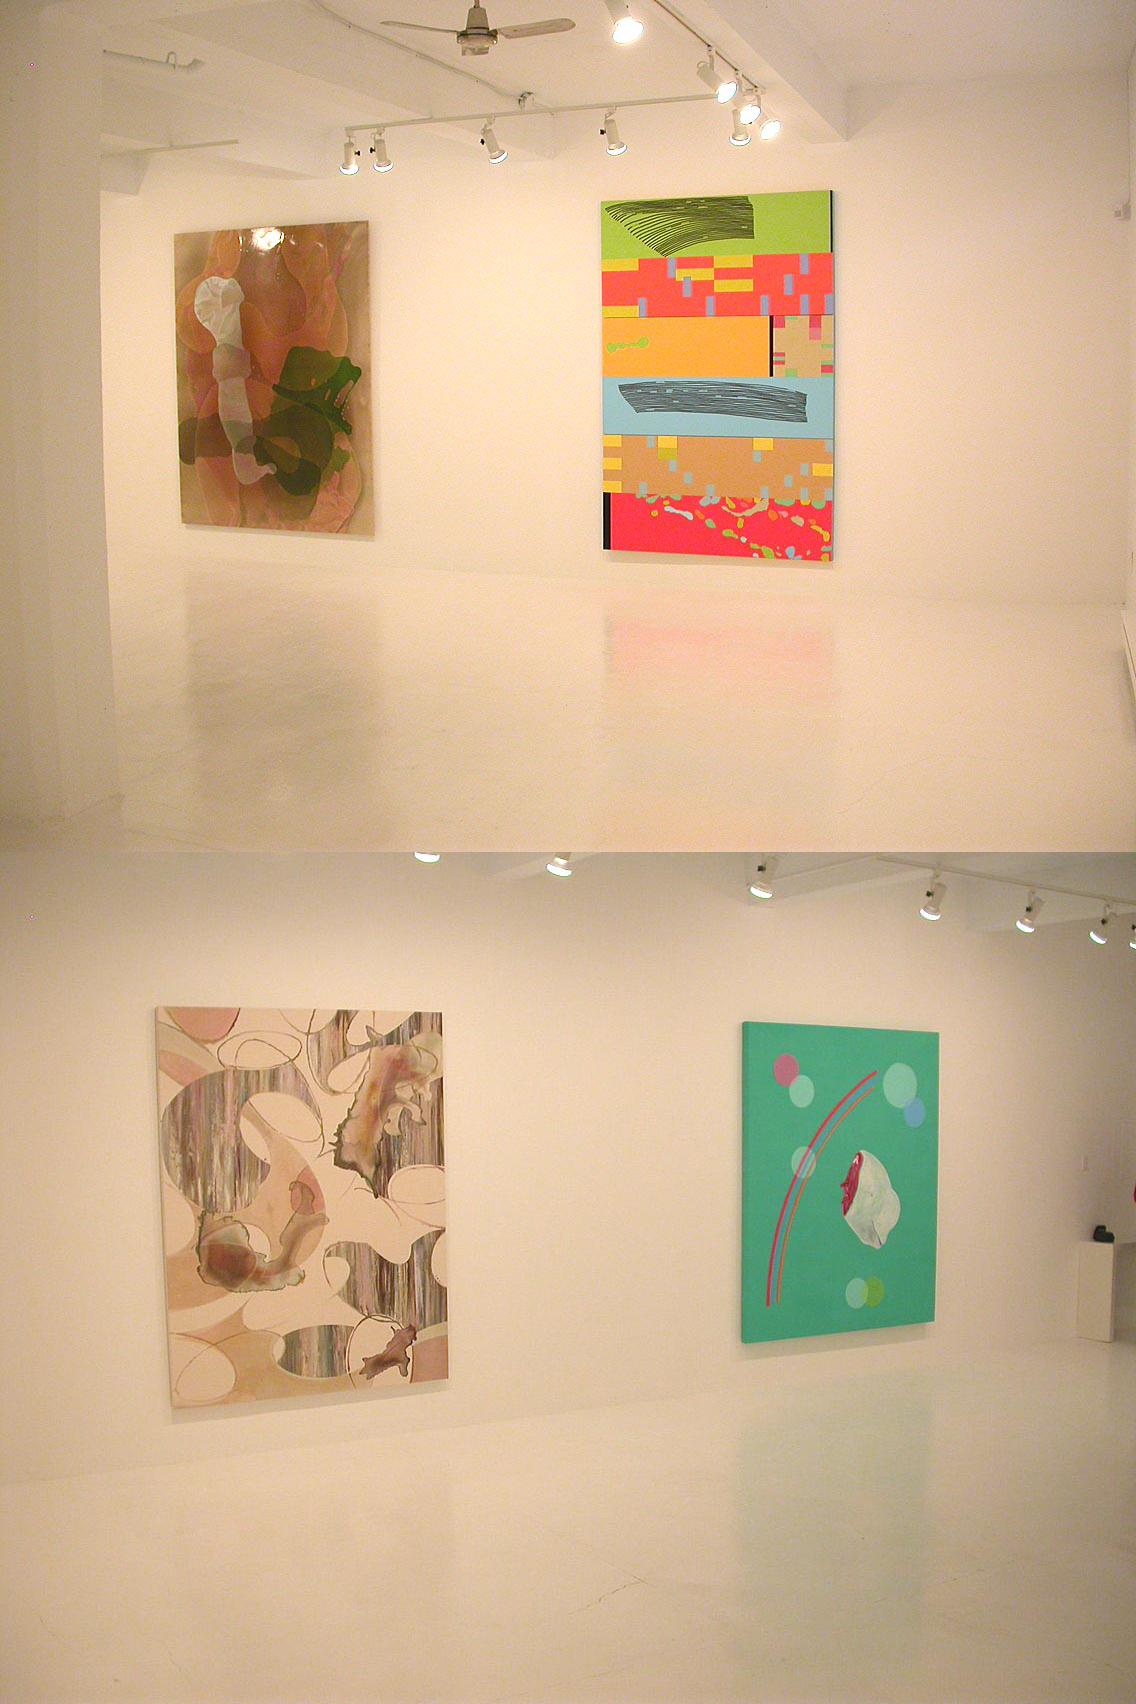 Les lieux de la couleur, 2004